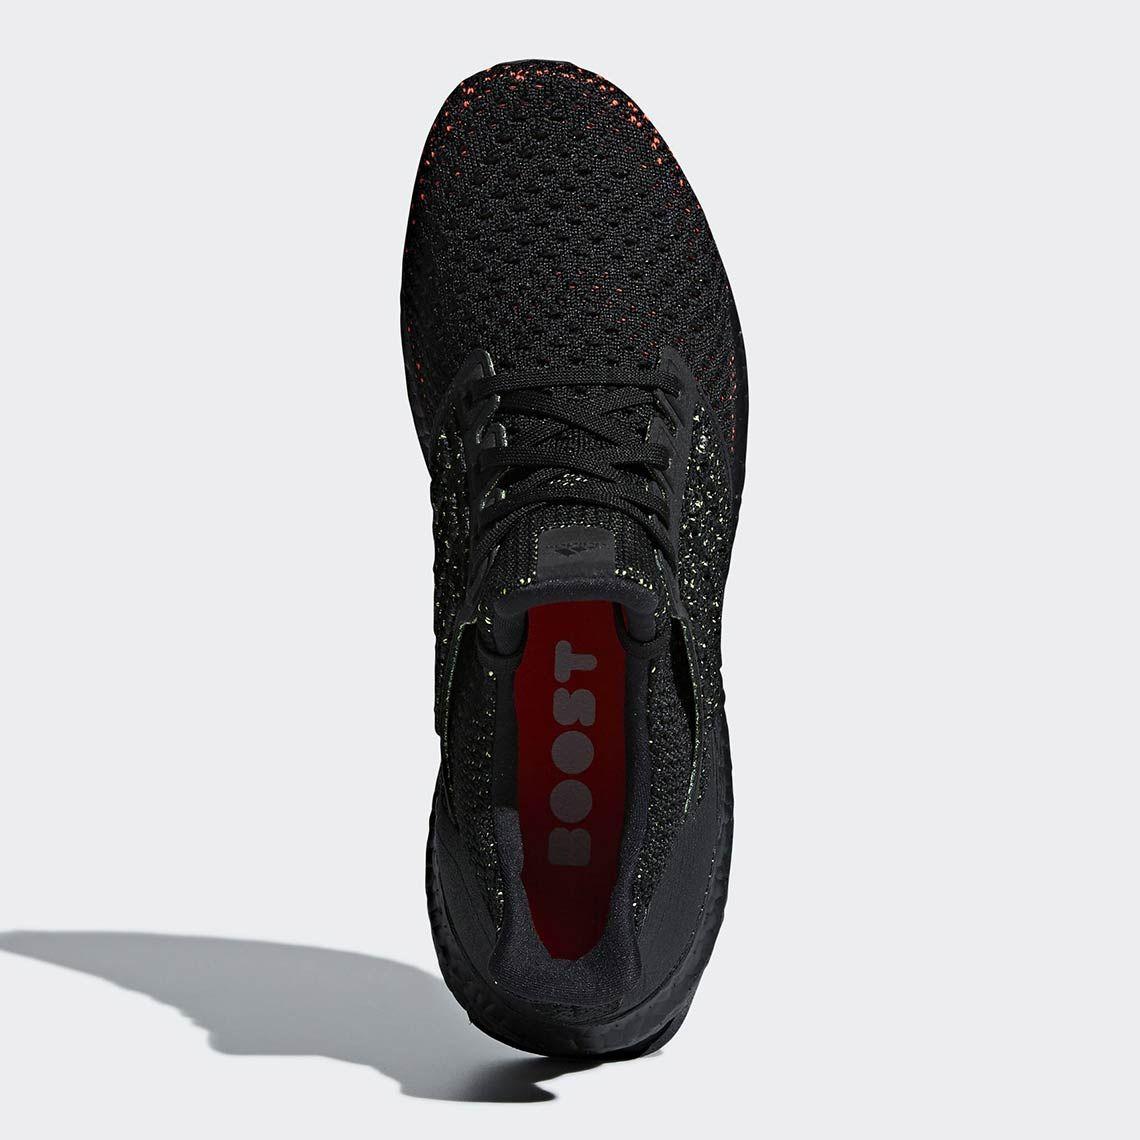 b7e16dba349e6 adidas Ultra Boost Clima Solar Red Release Info AQ0482